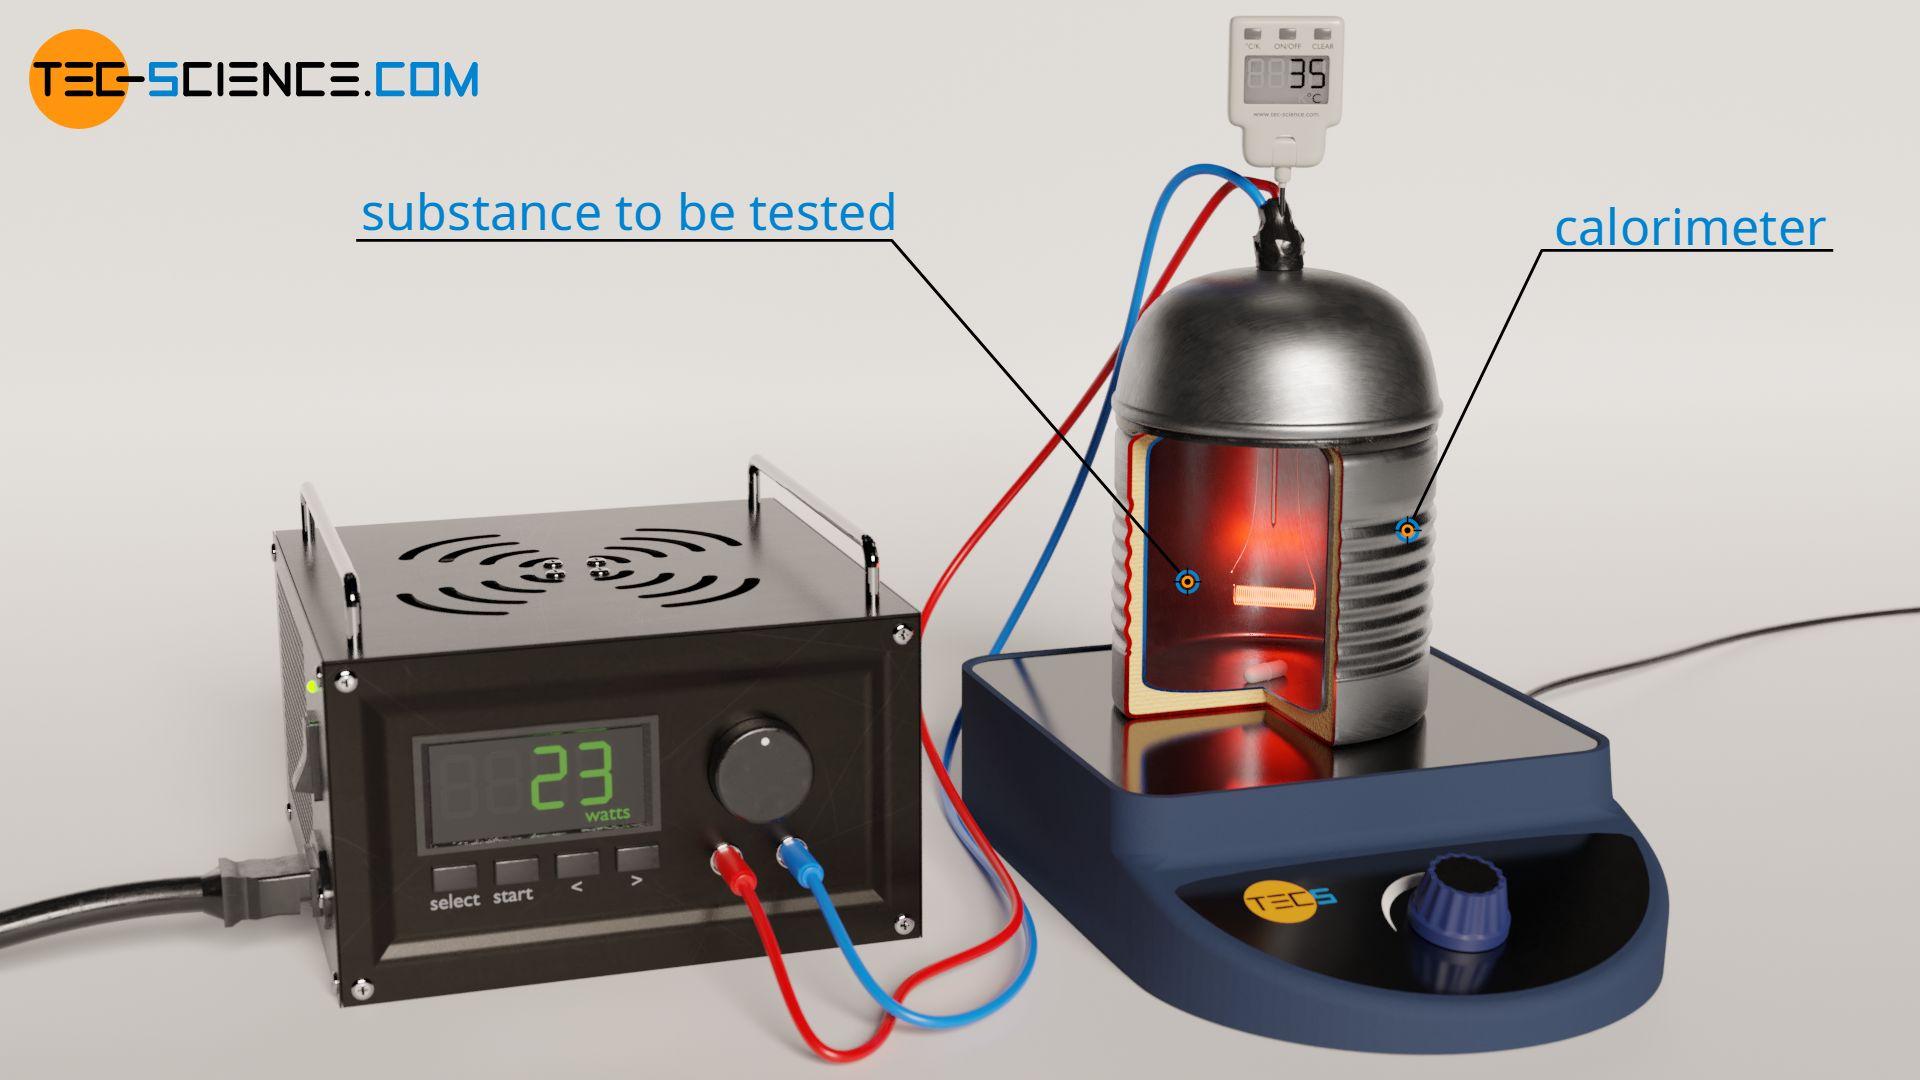 Calorimeter for determining the specific heat capacity of liquids (calorimetry)